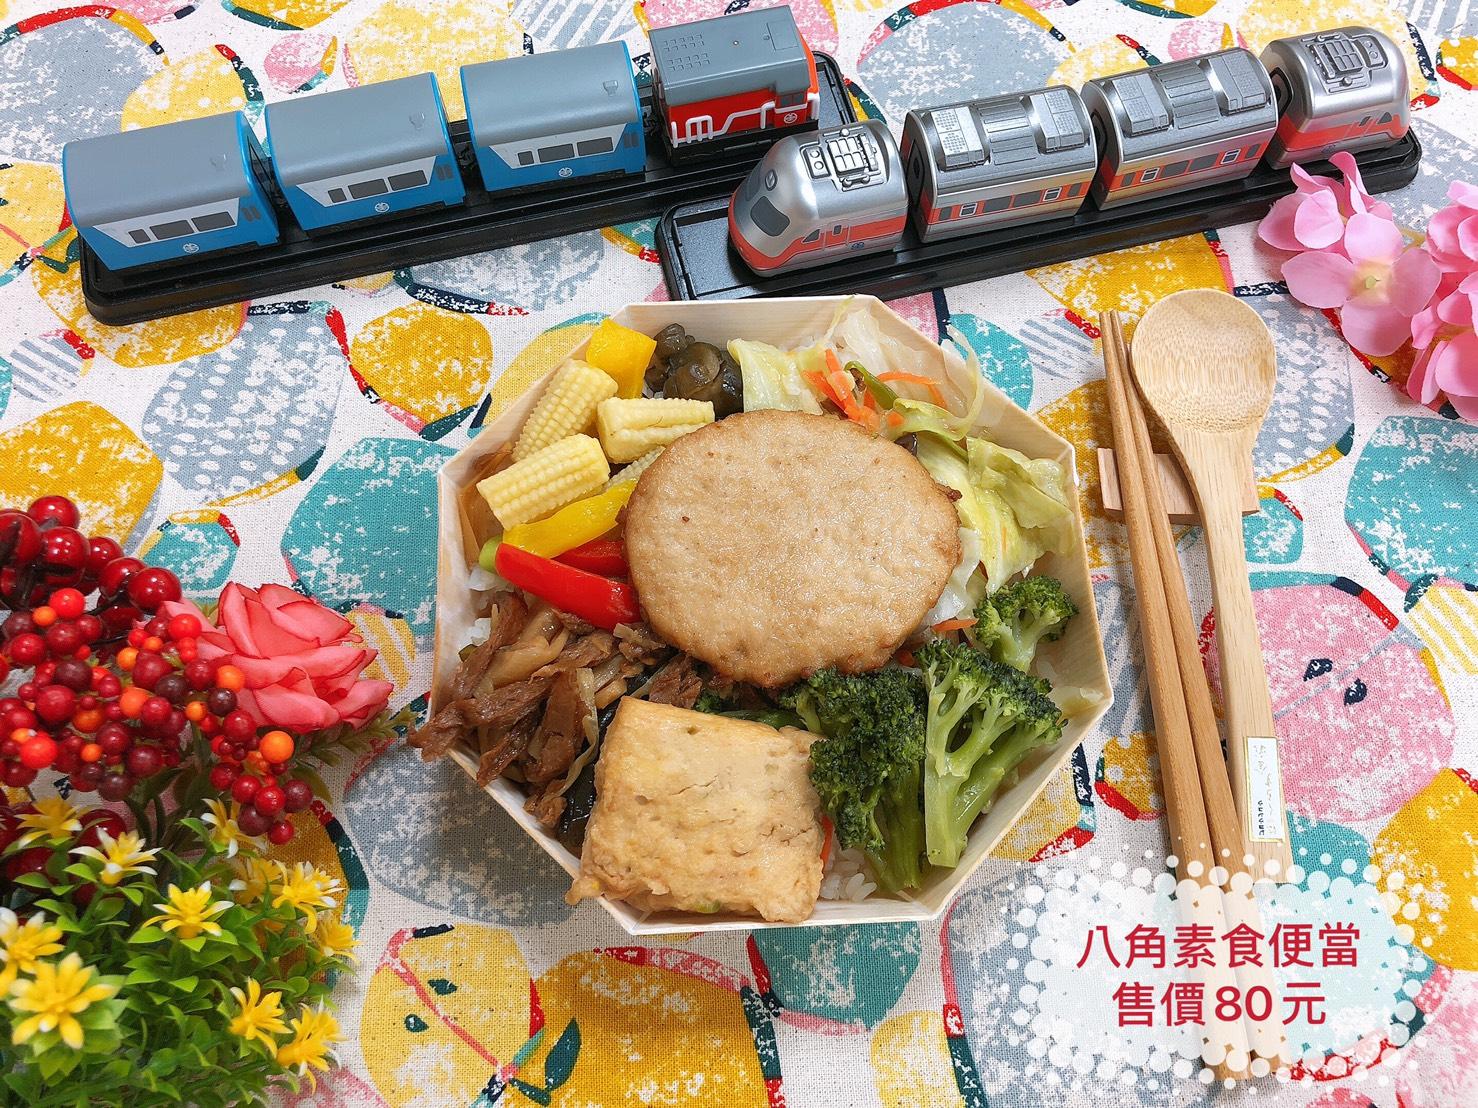 臺鐵素食便當(白飯)